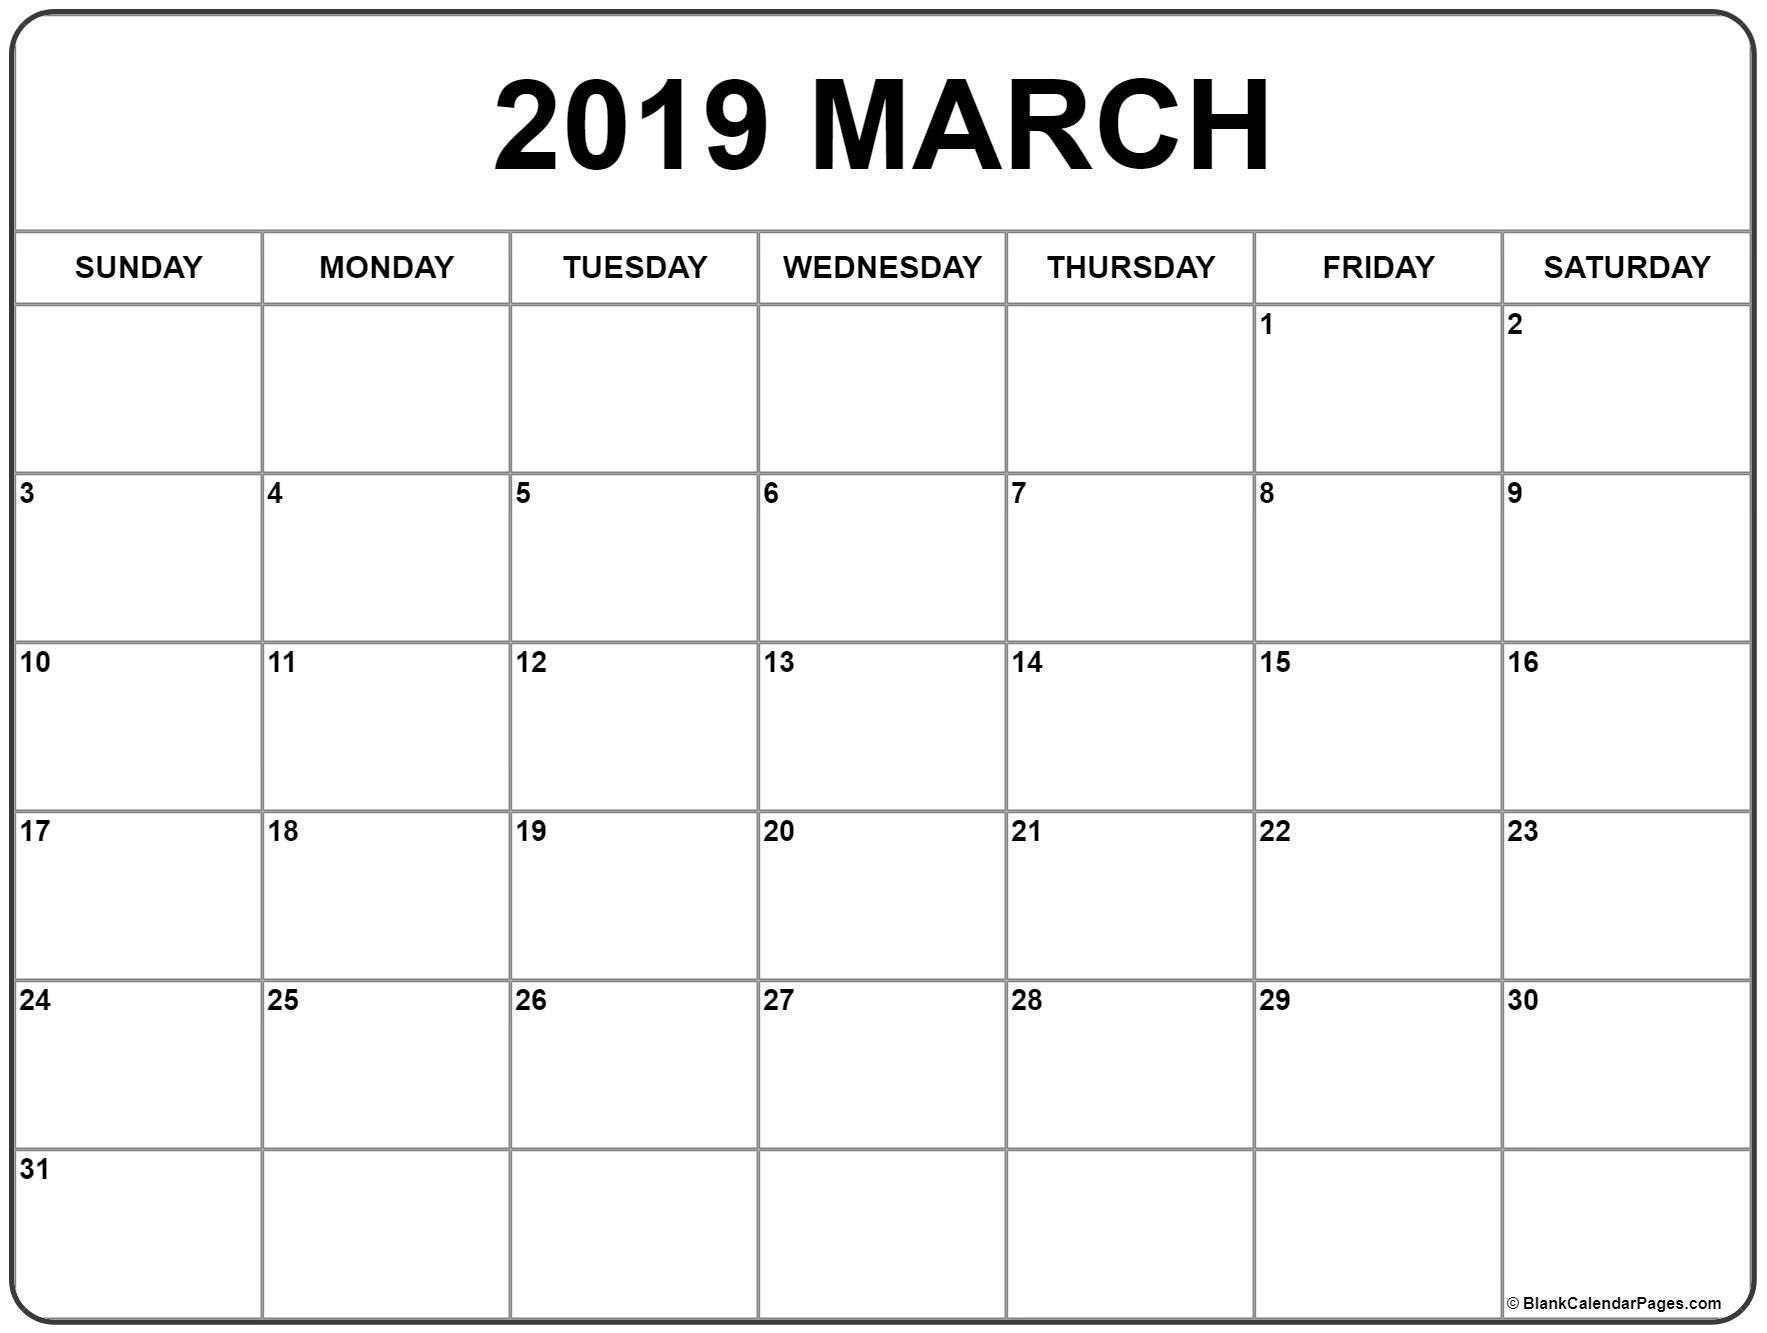 March 2019 Calendar | 56+ Templates Of 2019 Printable Calendars March 2 2019 Calendar